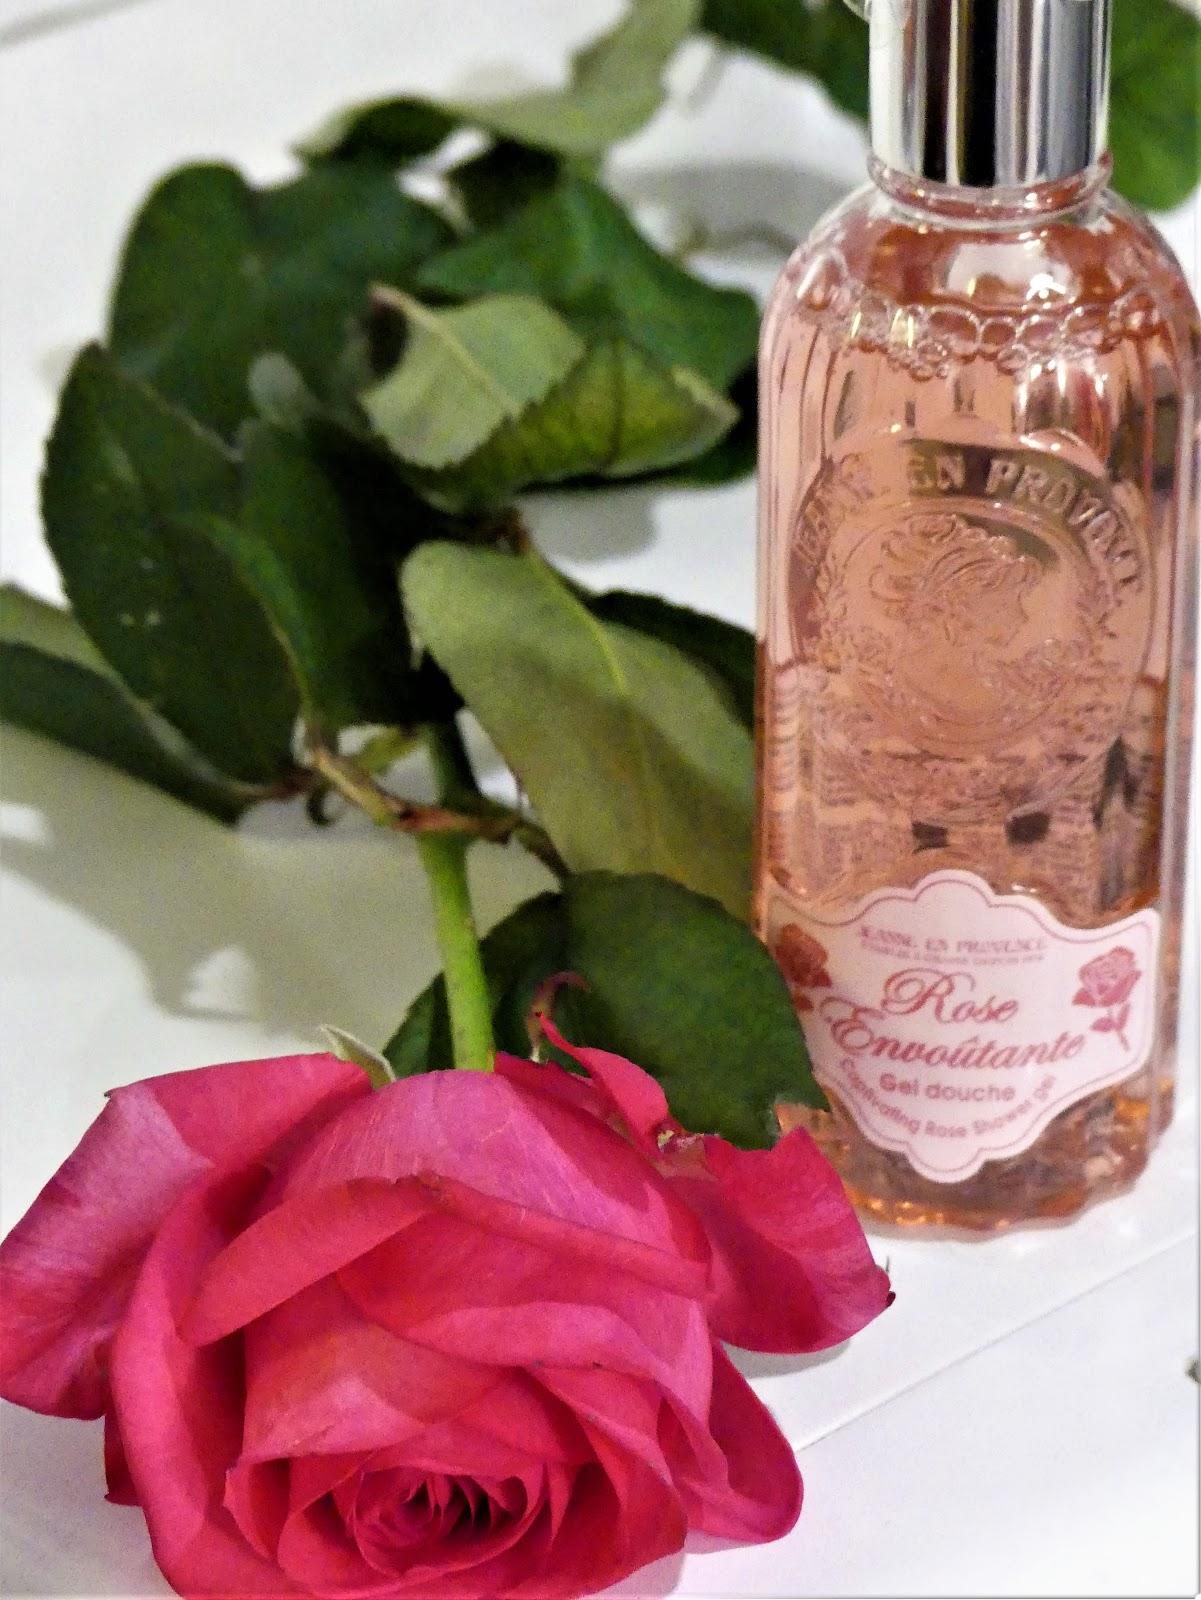 Le gel de douche rose envoûtante nettoie la peau en douceur et laisse un  délicat parfum de rose. Une base lavante d origine végétale, enrichie de  glycérine. f996637710bf